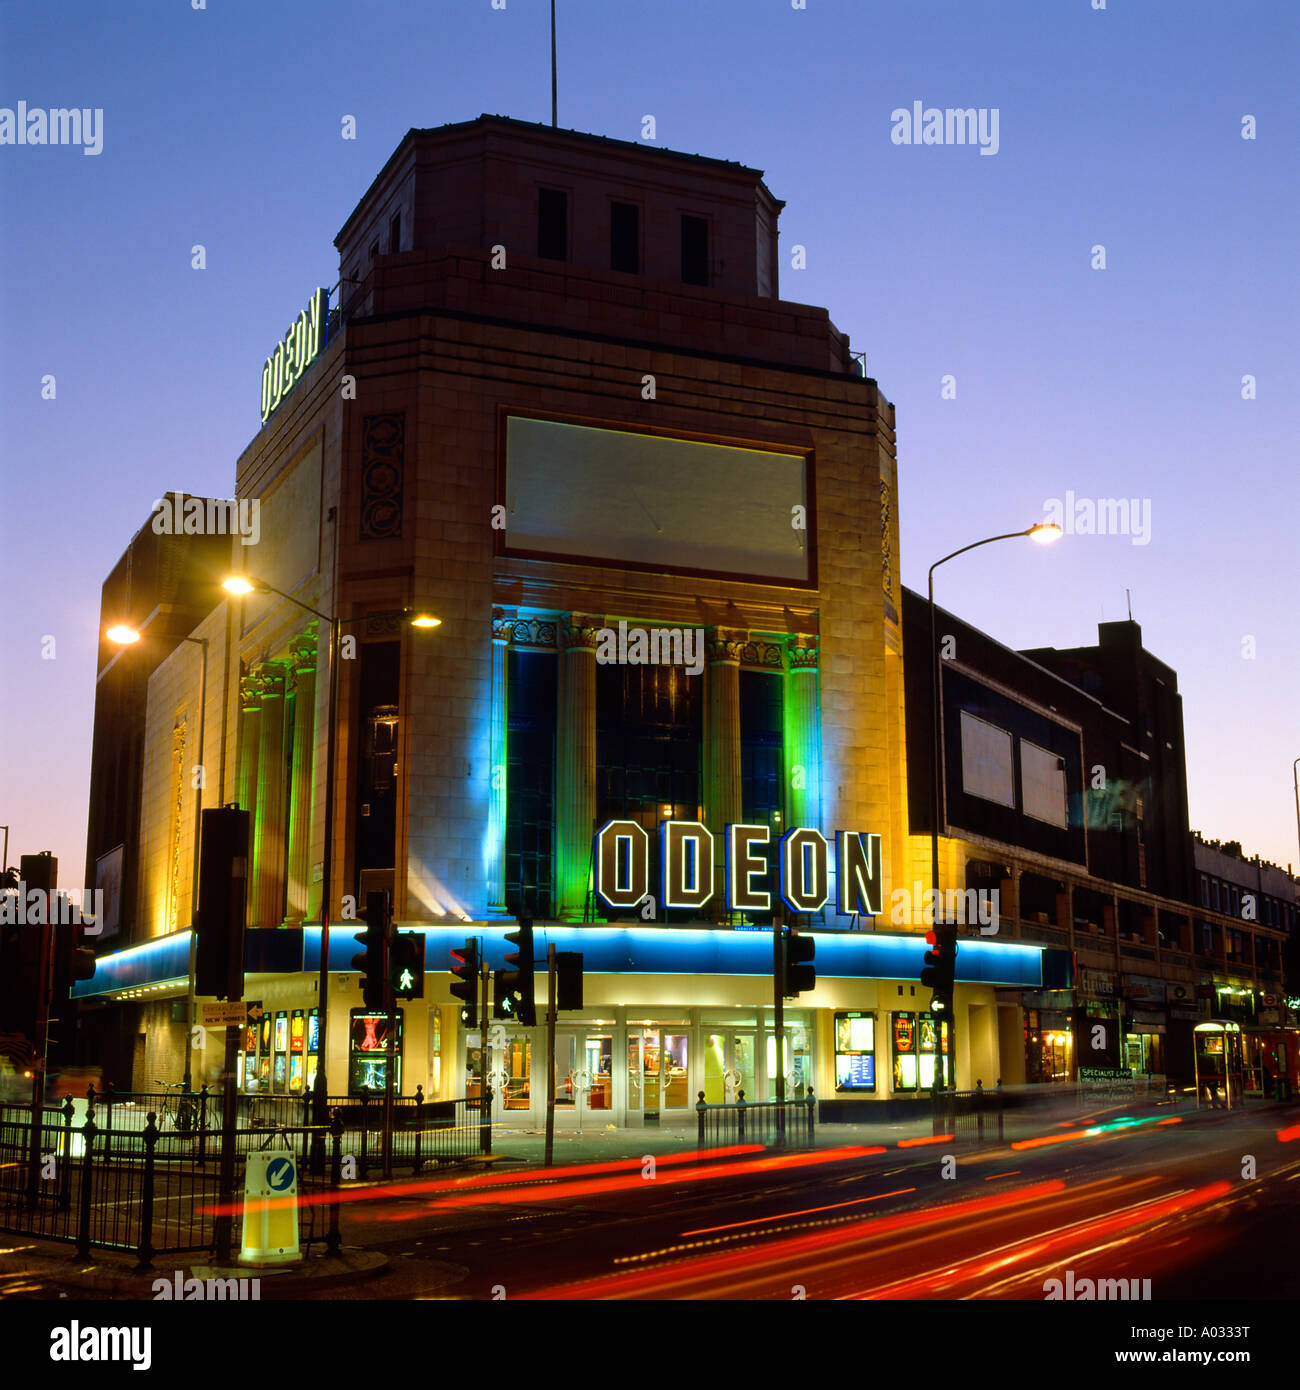 Le cinéma Odéon illuminée la nuit, Holloway Road, Londres. Photo Stock